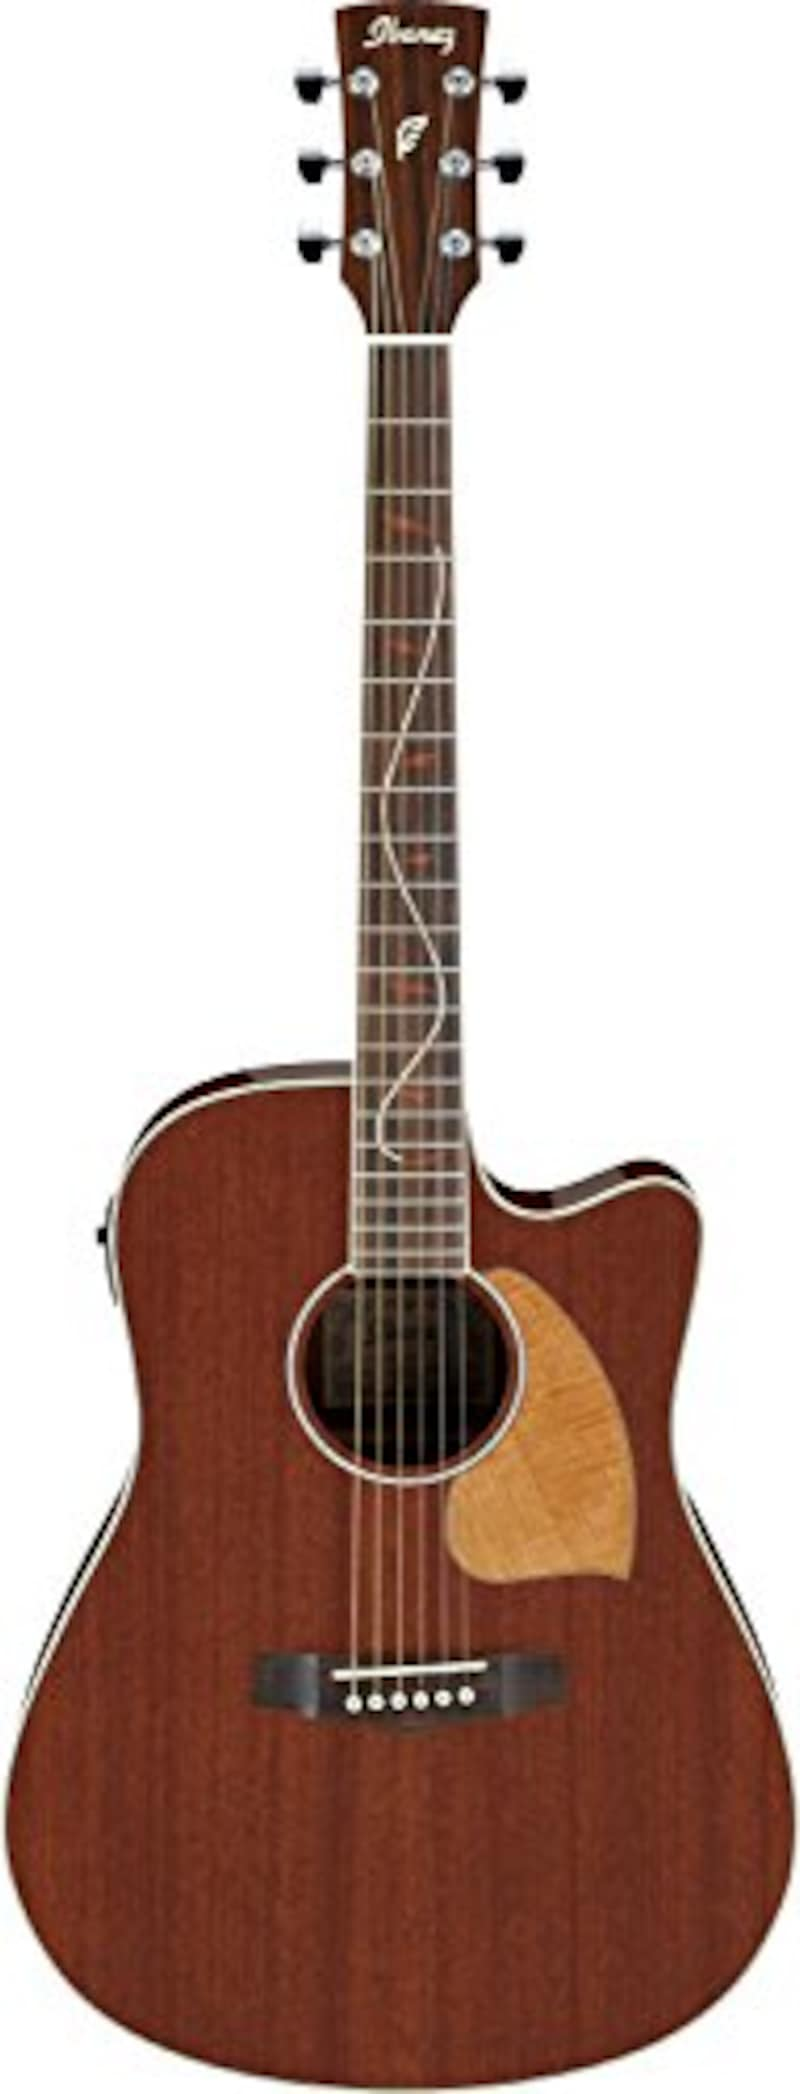 Ibanez,エレクトリック・アコースティックギター,PF32MHCE-NMH